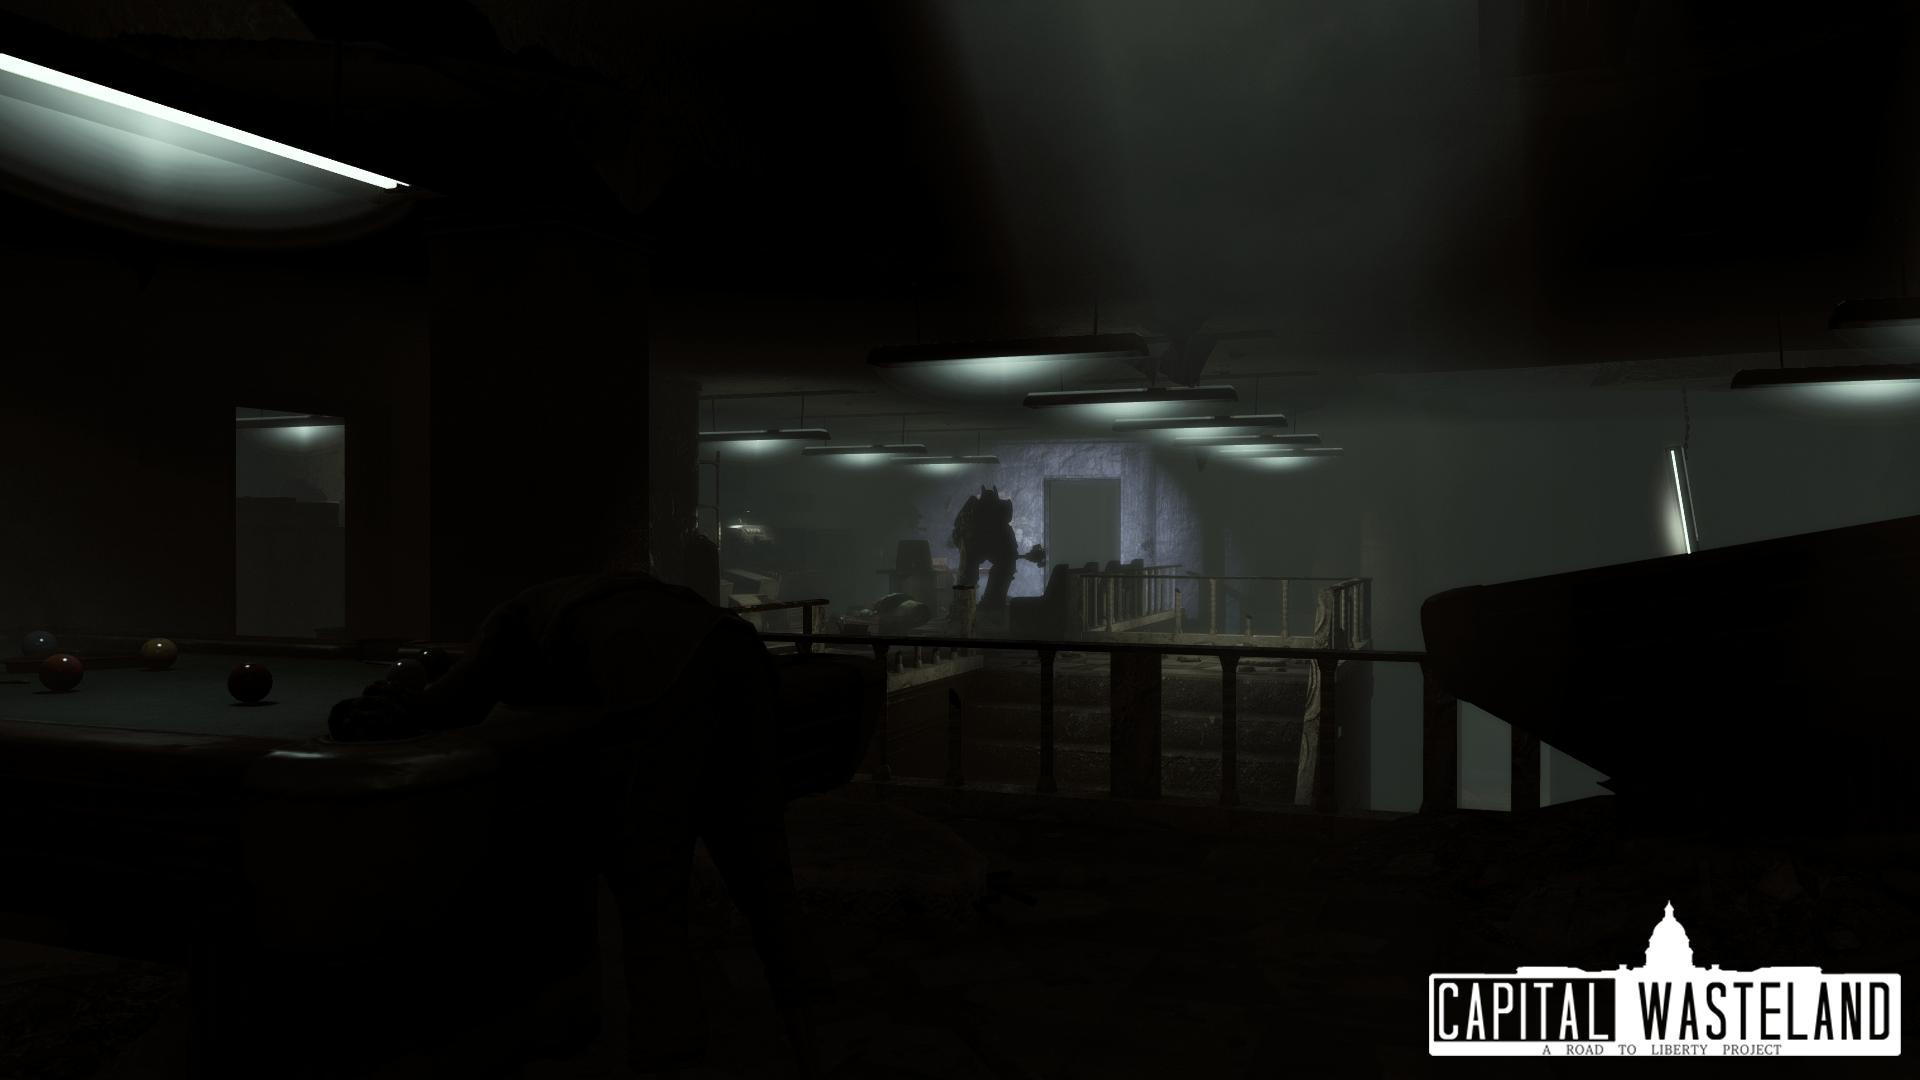 Февральский отчет о работе над Fallout 4 The Capital Wasteland (Fallout 3 на движке 4 части)